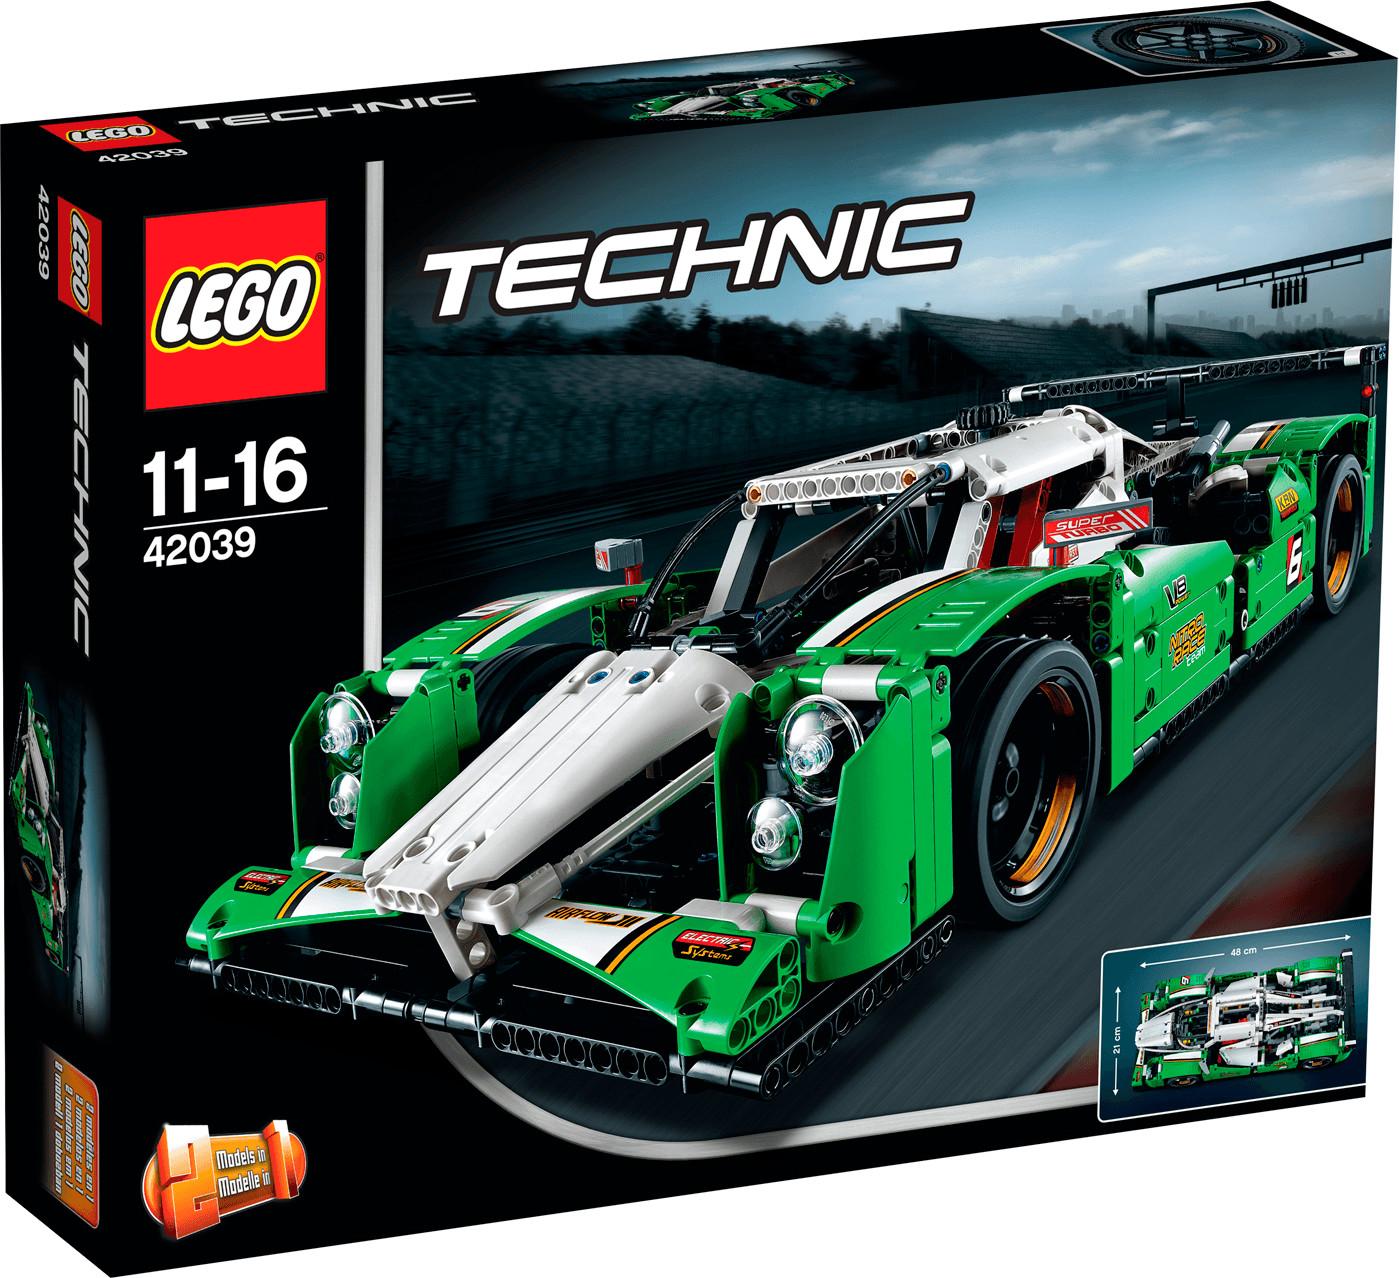 LEGO Technic - La voiture de course des 24 heures (42039)